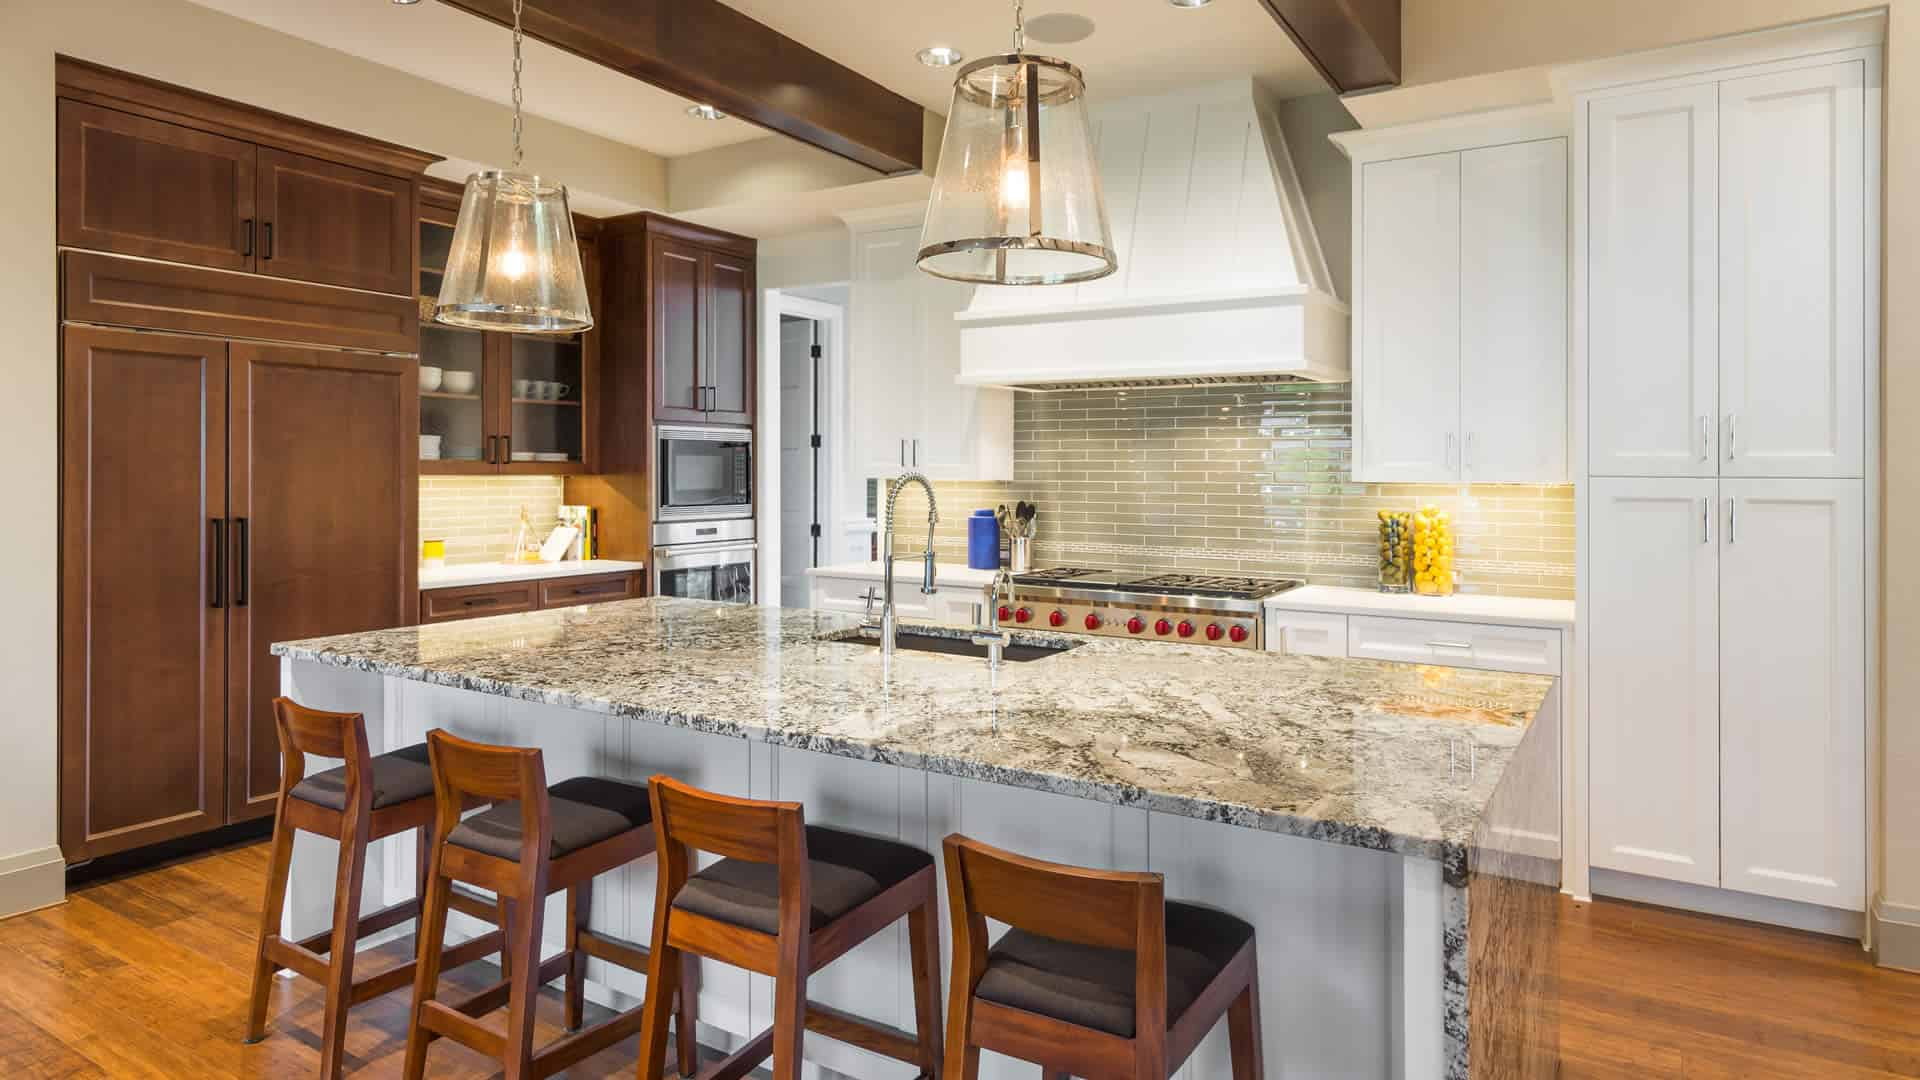 kitchen remodeling experts in cedar park leander austin tx. Black Bedroom Furniture Sets. Home Design Ideas